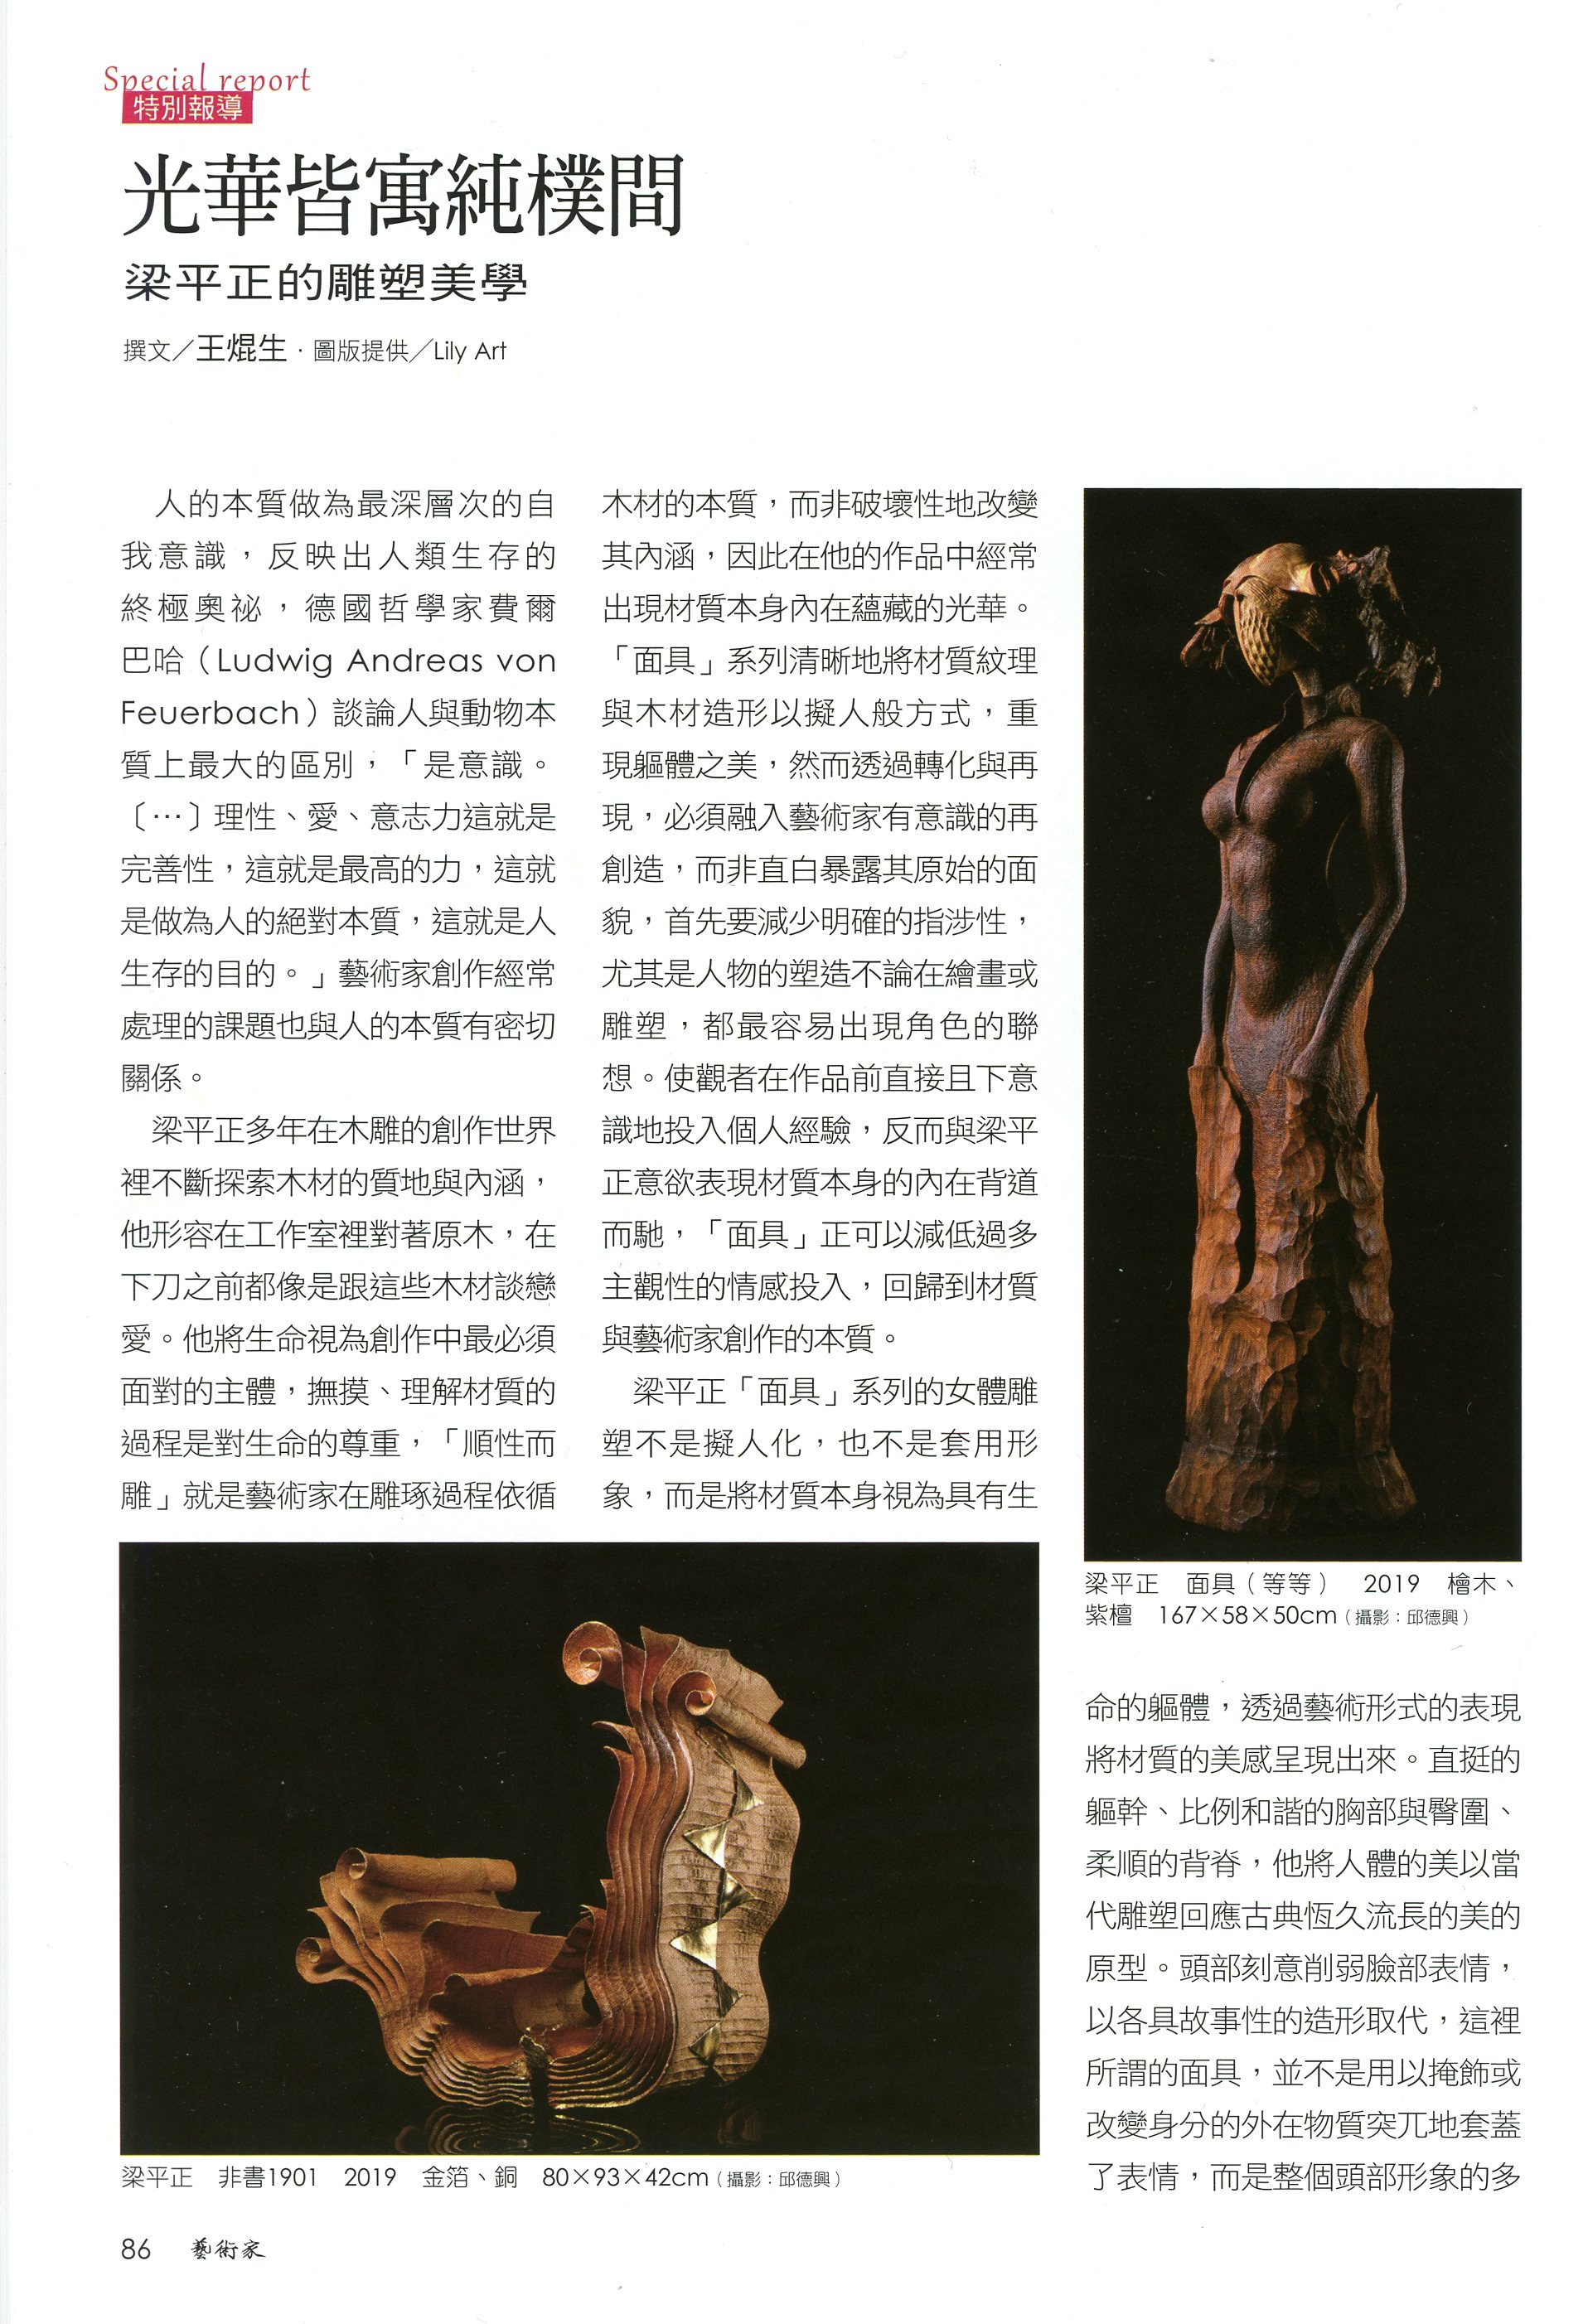 雜誌報導頁面